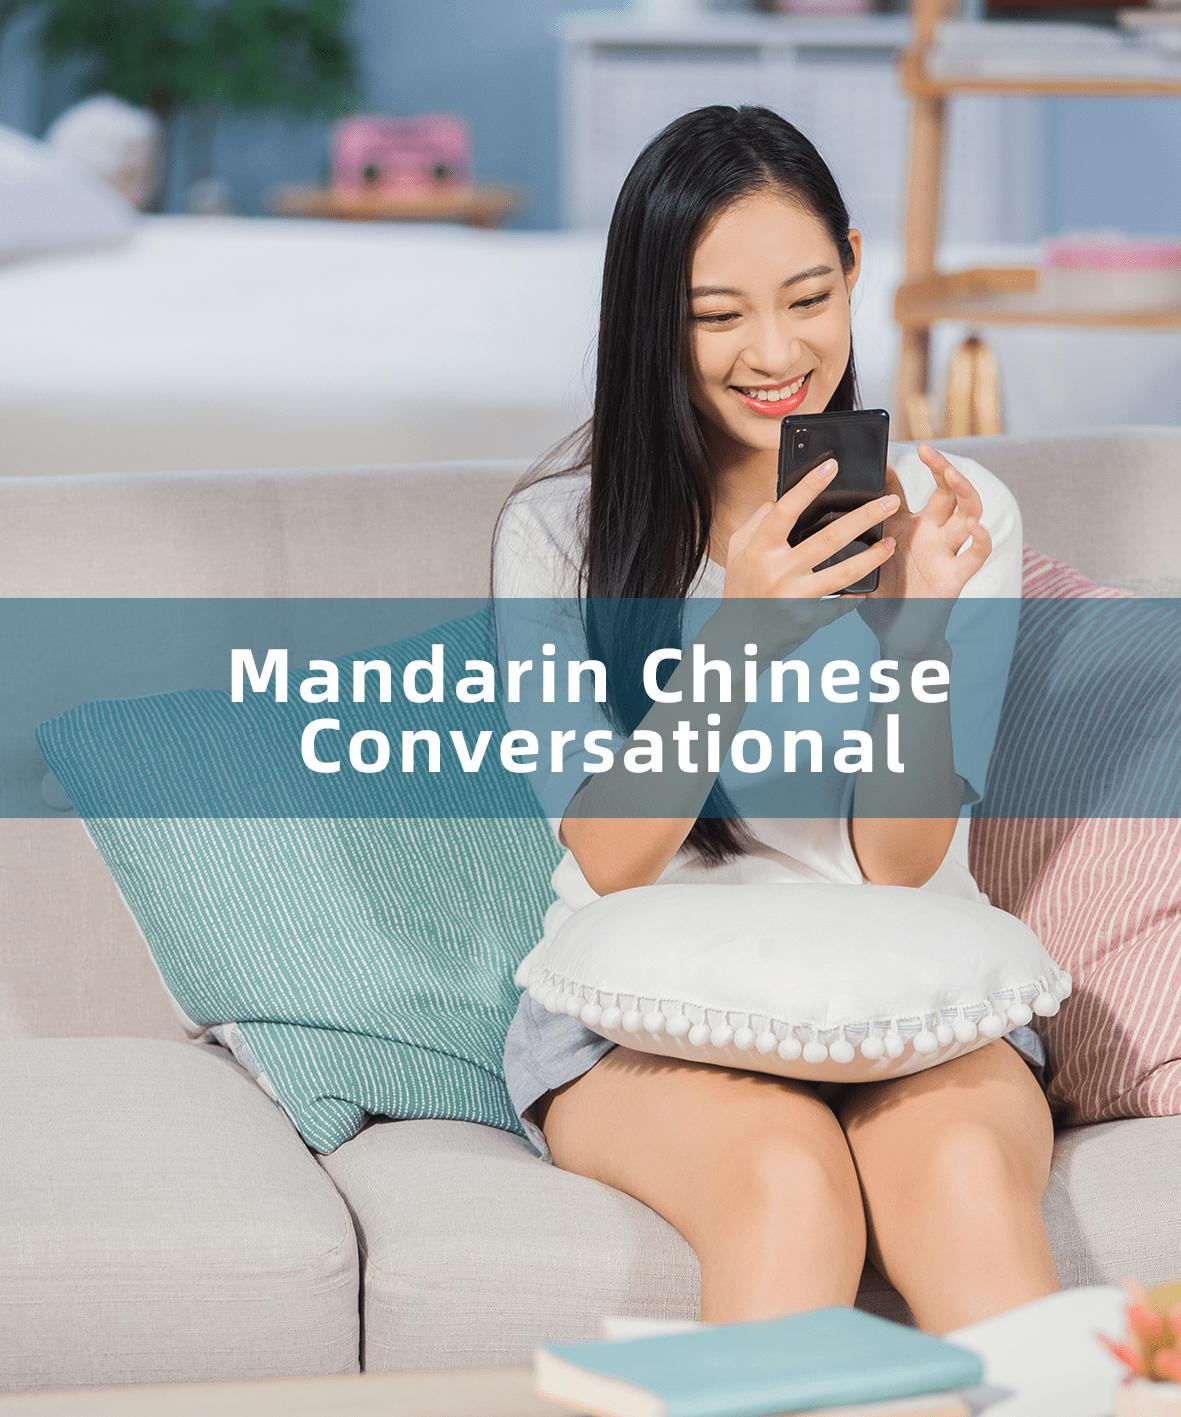 MDT-ASR-A001  Mandarin Chinese Conversational Speech Recognition Corpus